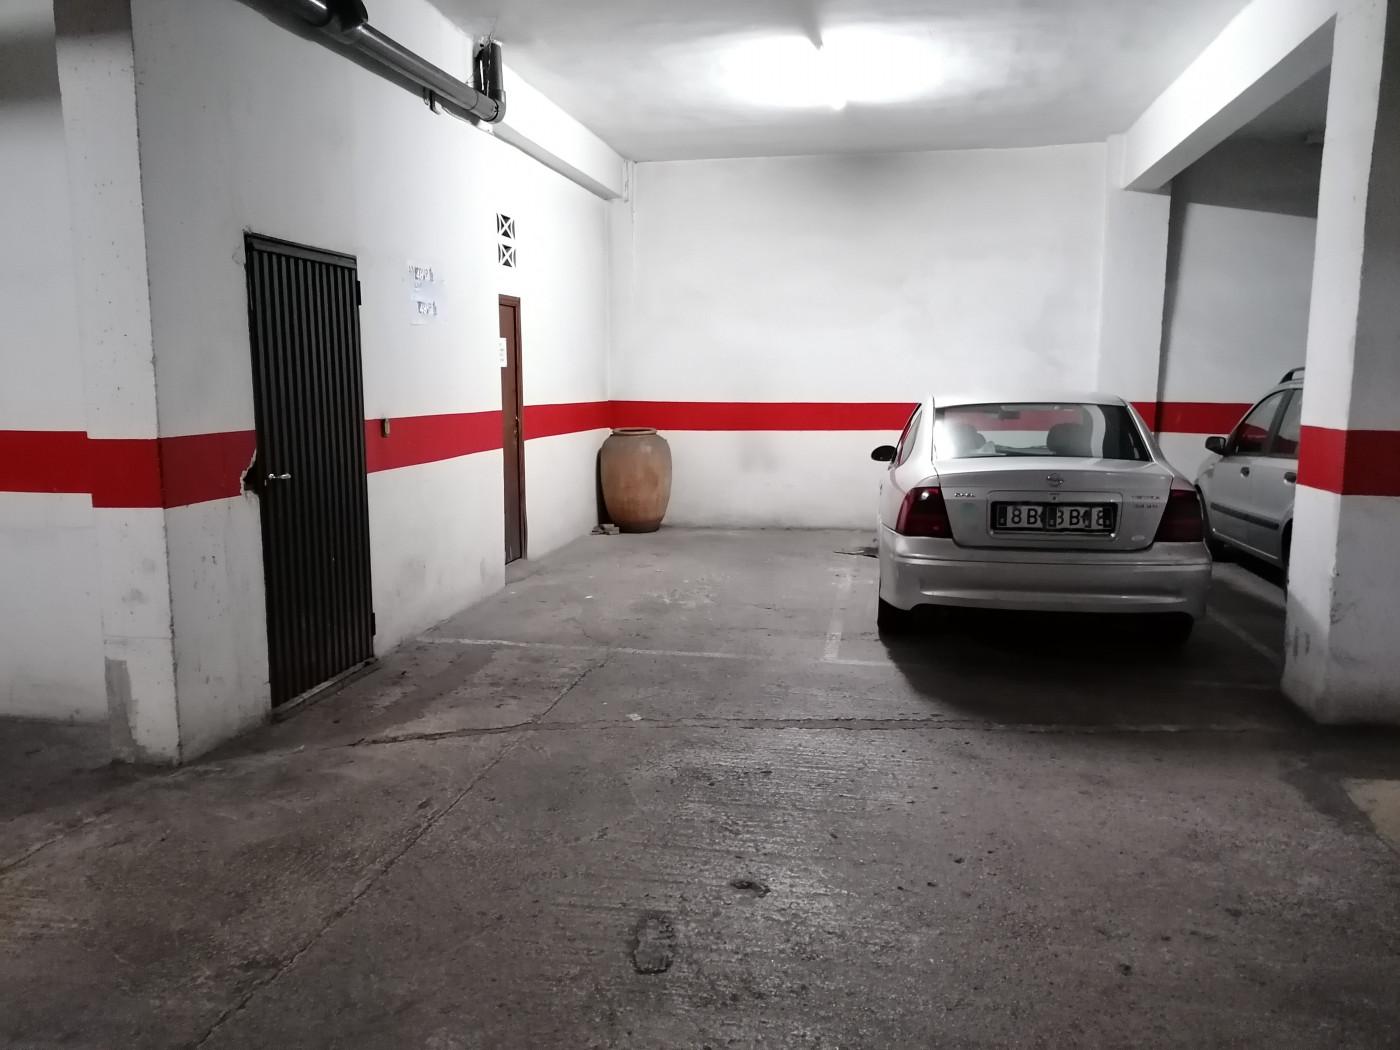 Posto auto  Plaza de la ribera. Alg049 - plaza de garaje   trastero en la plaza de la ribera de